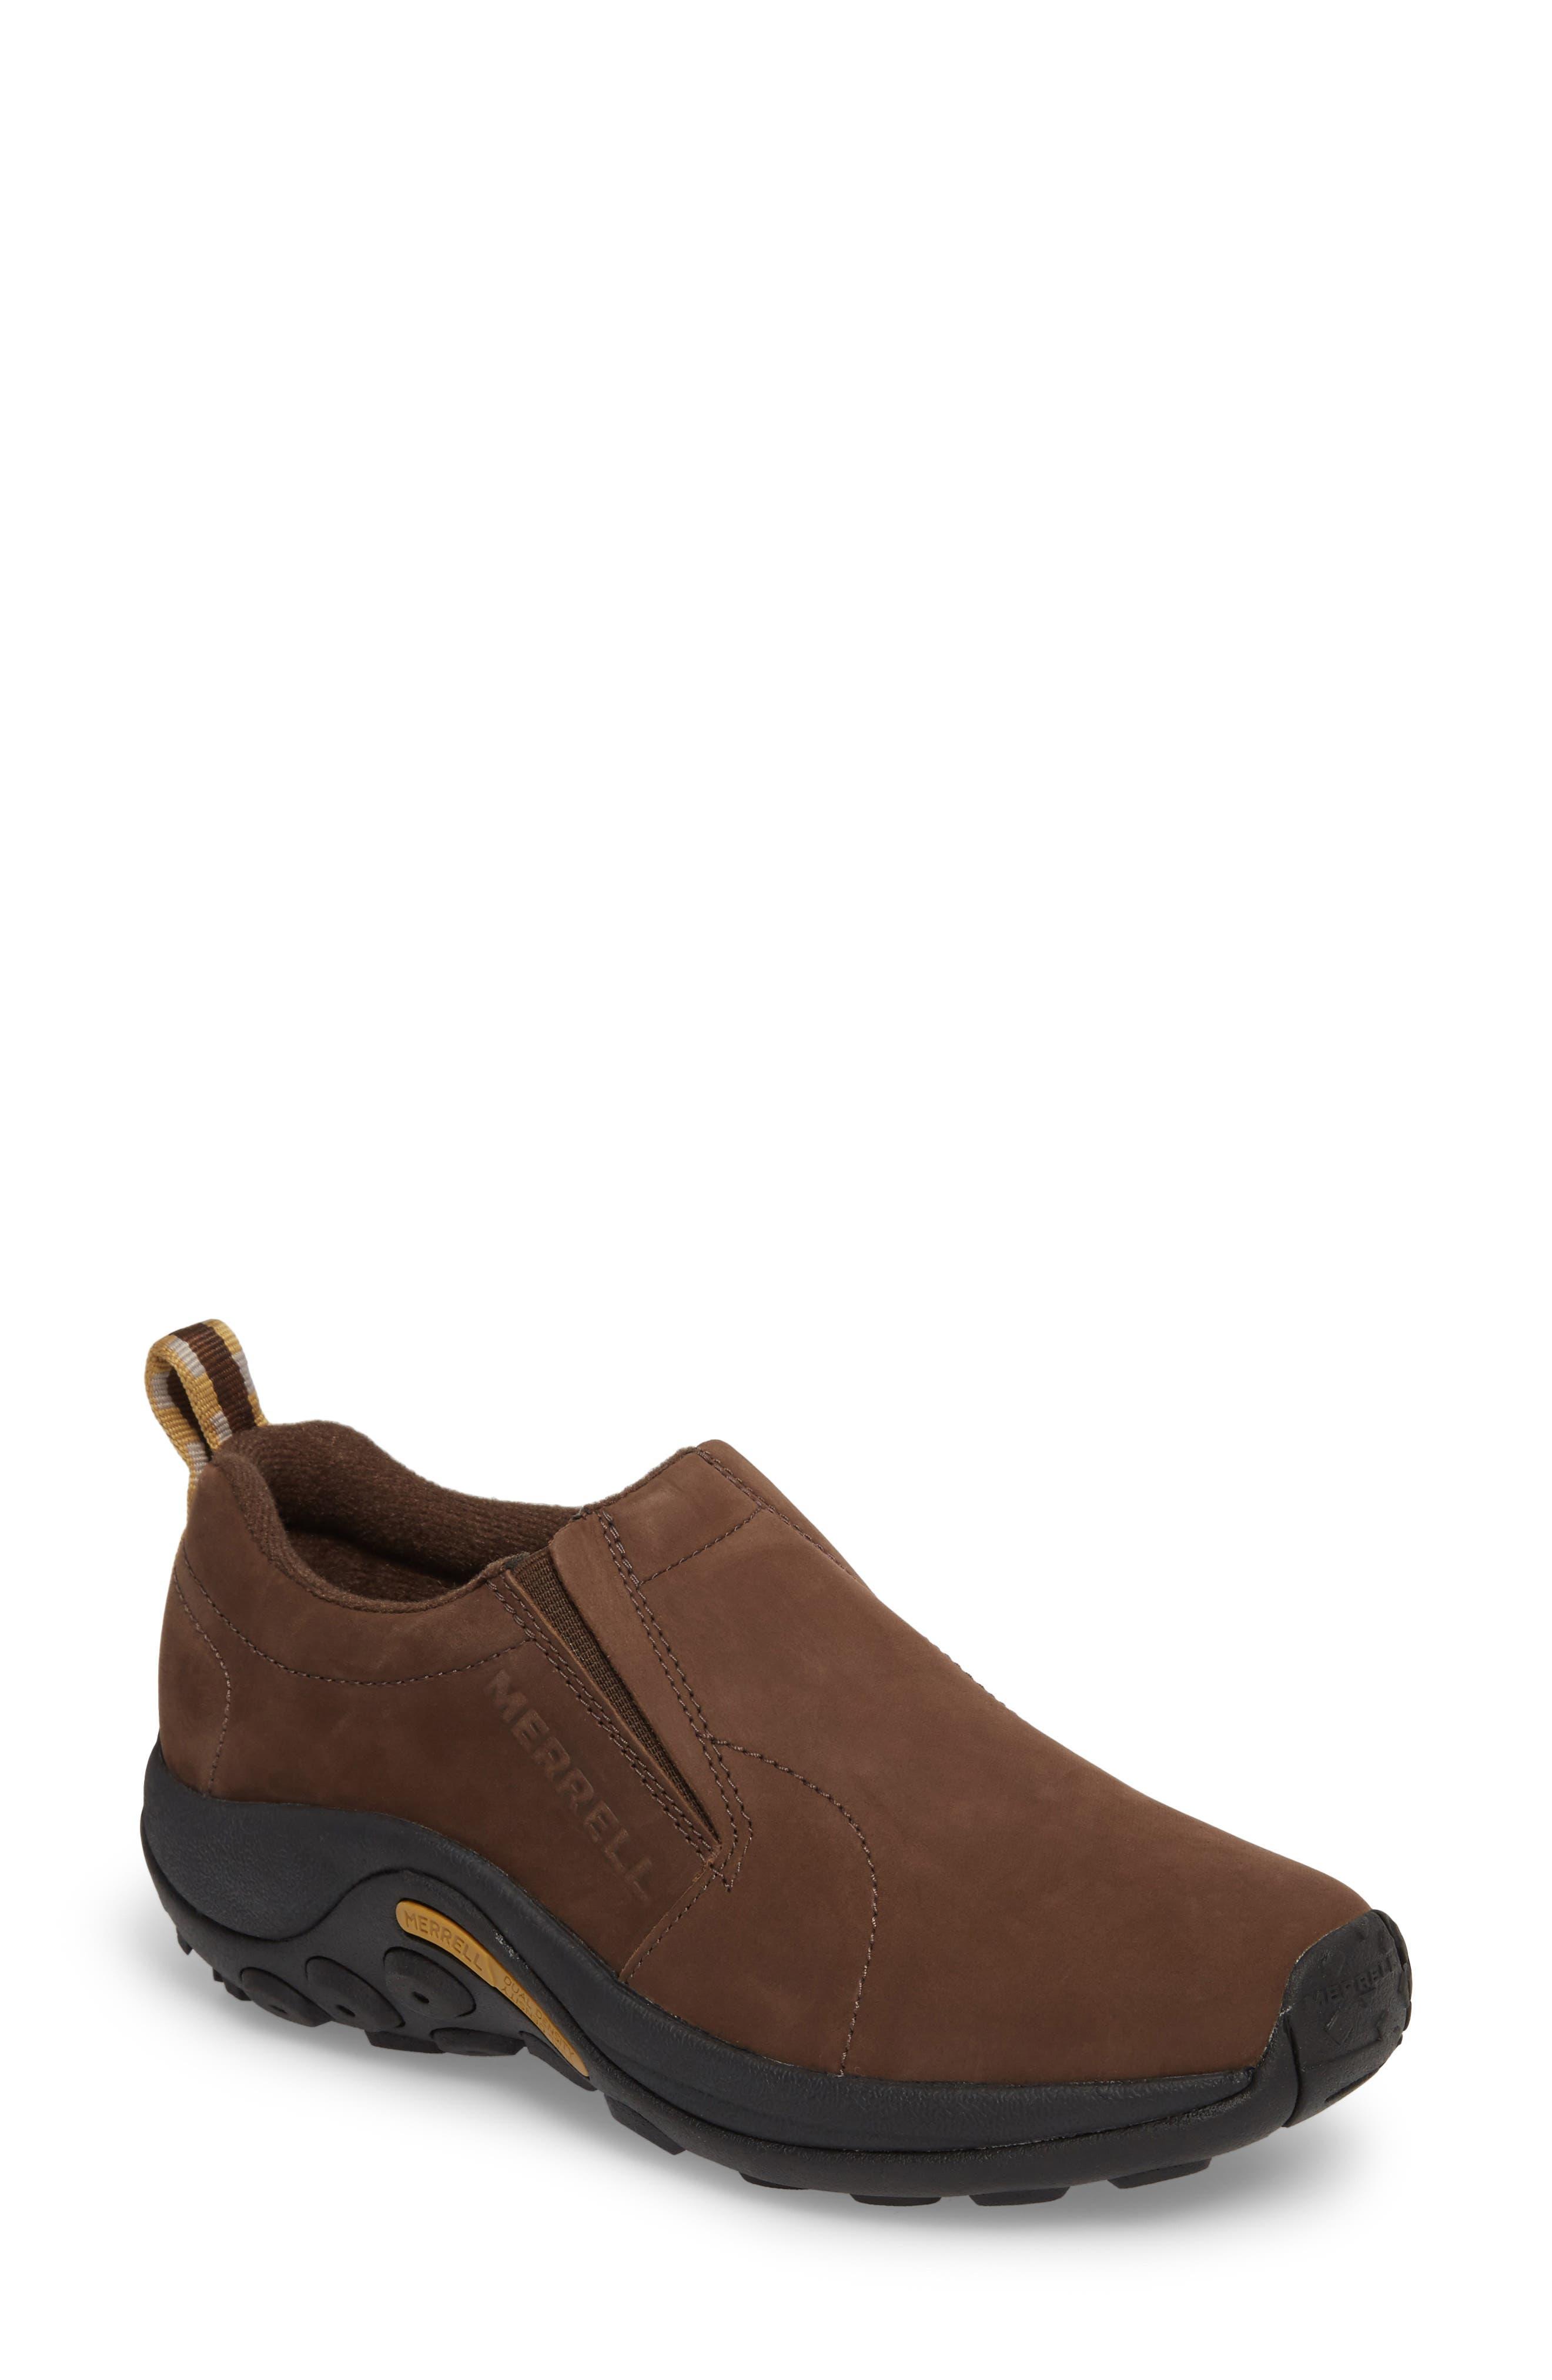 Jungle Moc Nubuck Sneaker,                         Main,                         color, BRACKEN LEATHER